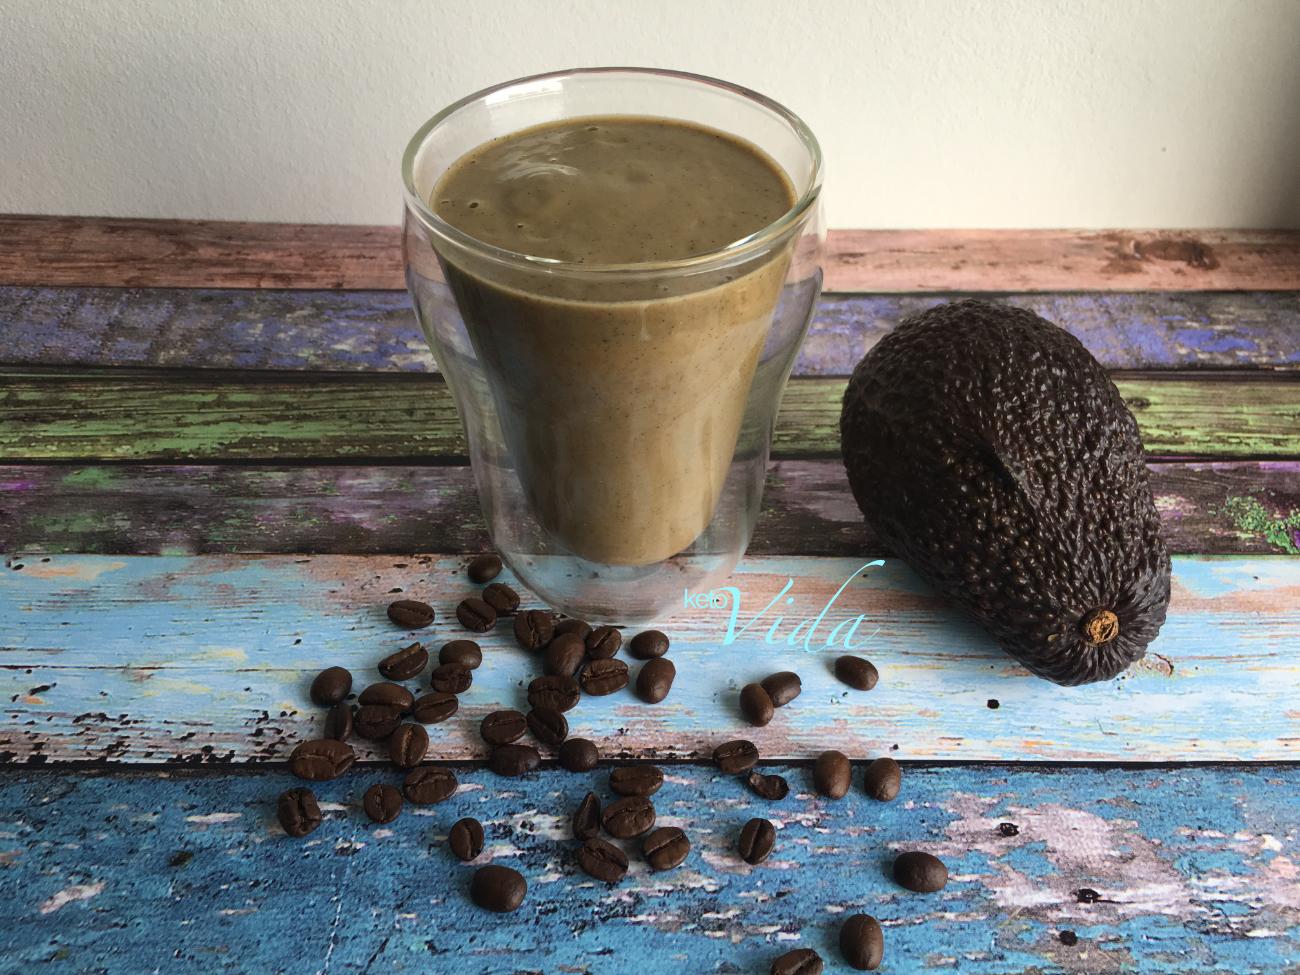 Avocado-Kaffee, der neue Bulletproof Coffee?